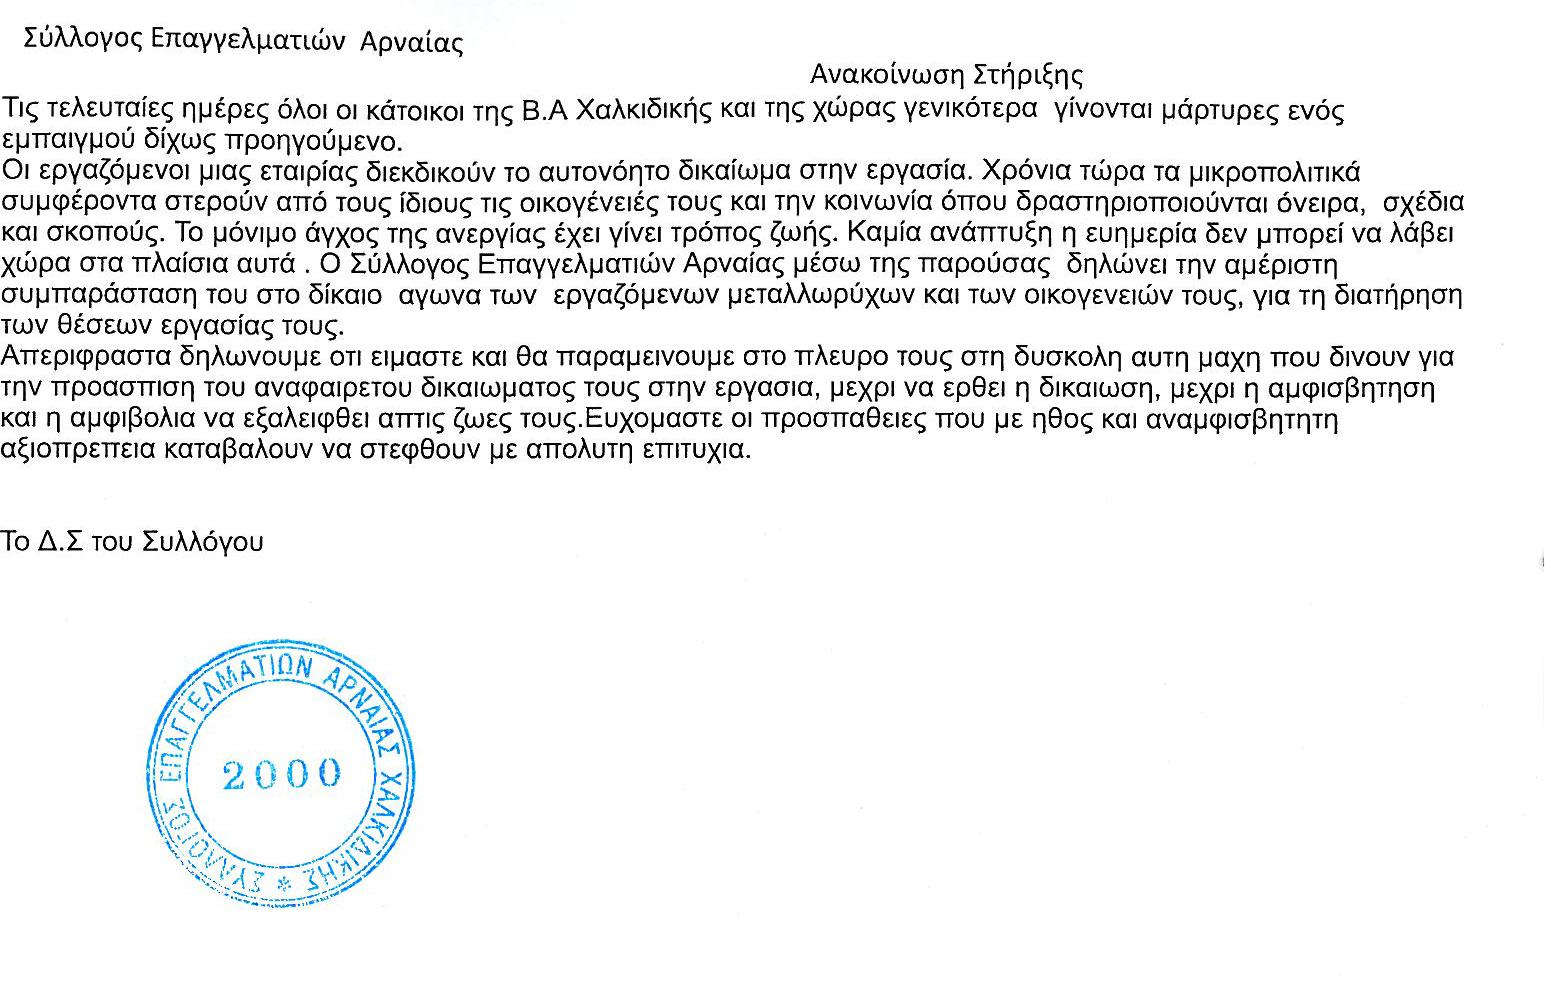 Ο Σύλλογος Επαγγελματιών Αρναίας  δηλώνει την αμέριστη συμπαράσταση του στον αγώνα των Μεταλλωρύχων